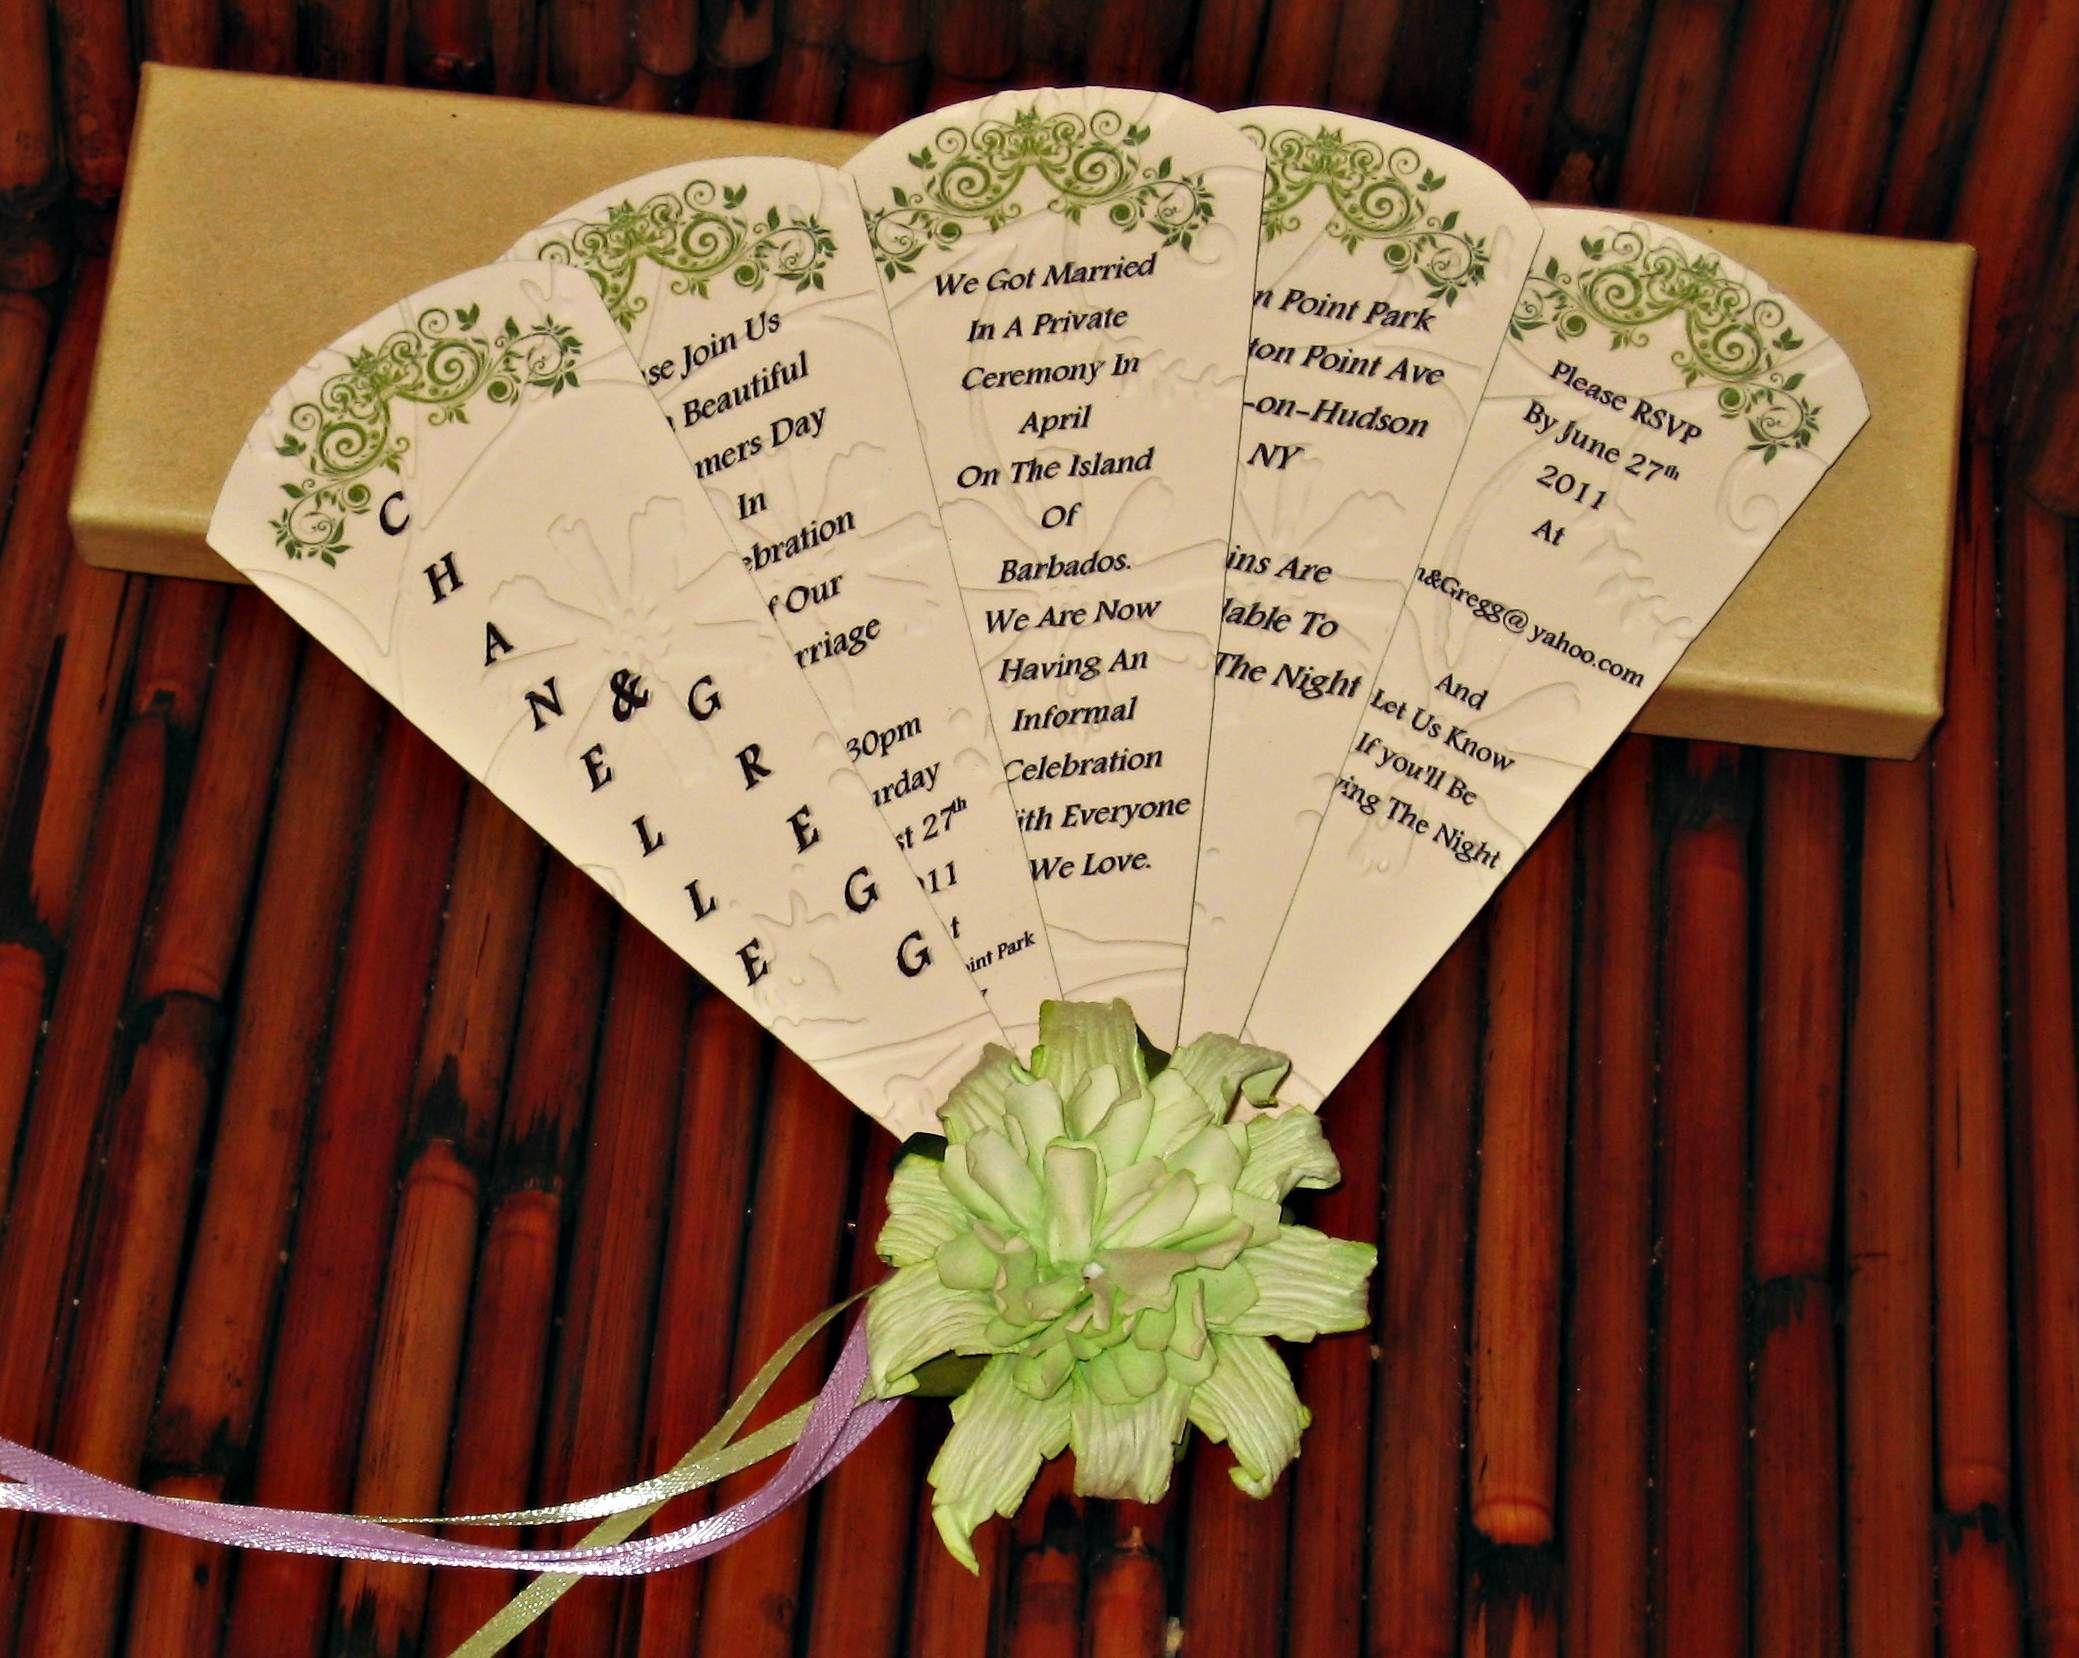 Informal wedding fan card invitation informal wedding fan card invitation monicamarmolfo Image collections